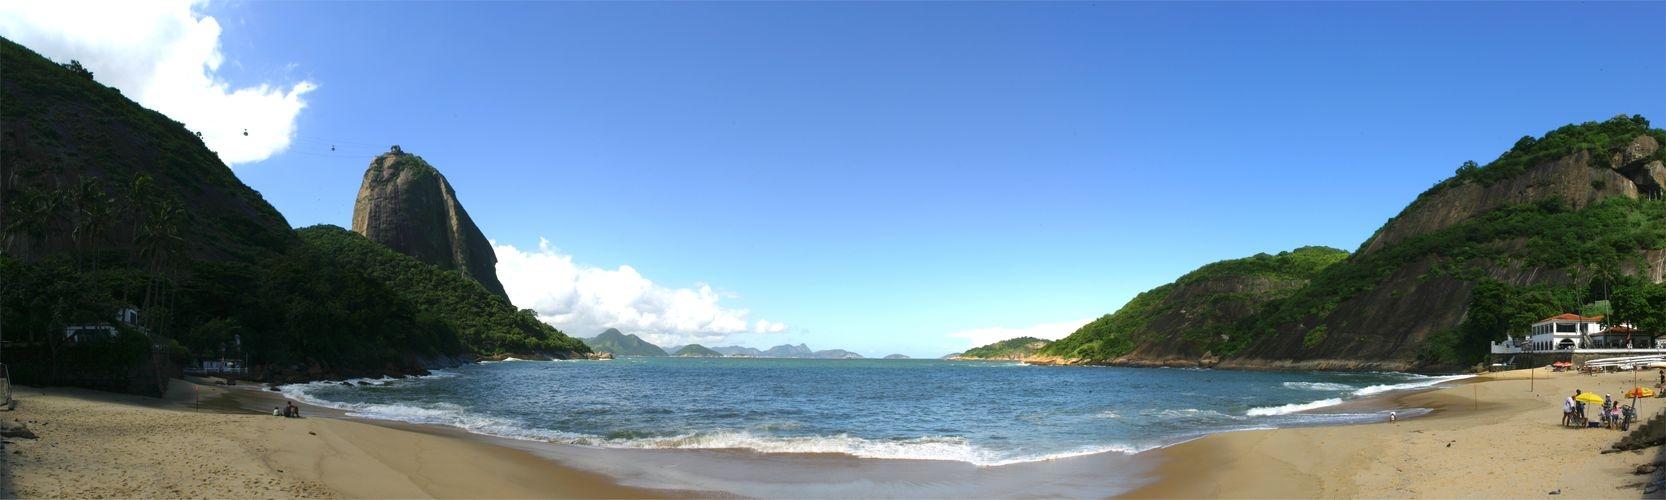 Praia Vermelha with Sugarloaf Mountain (Rio de Janeiro)